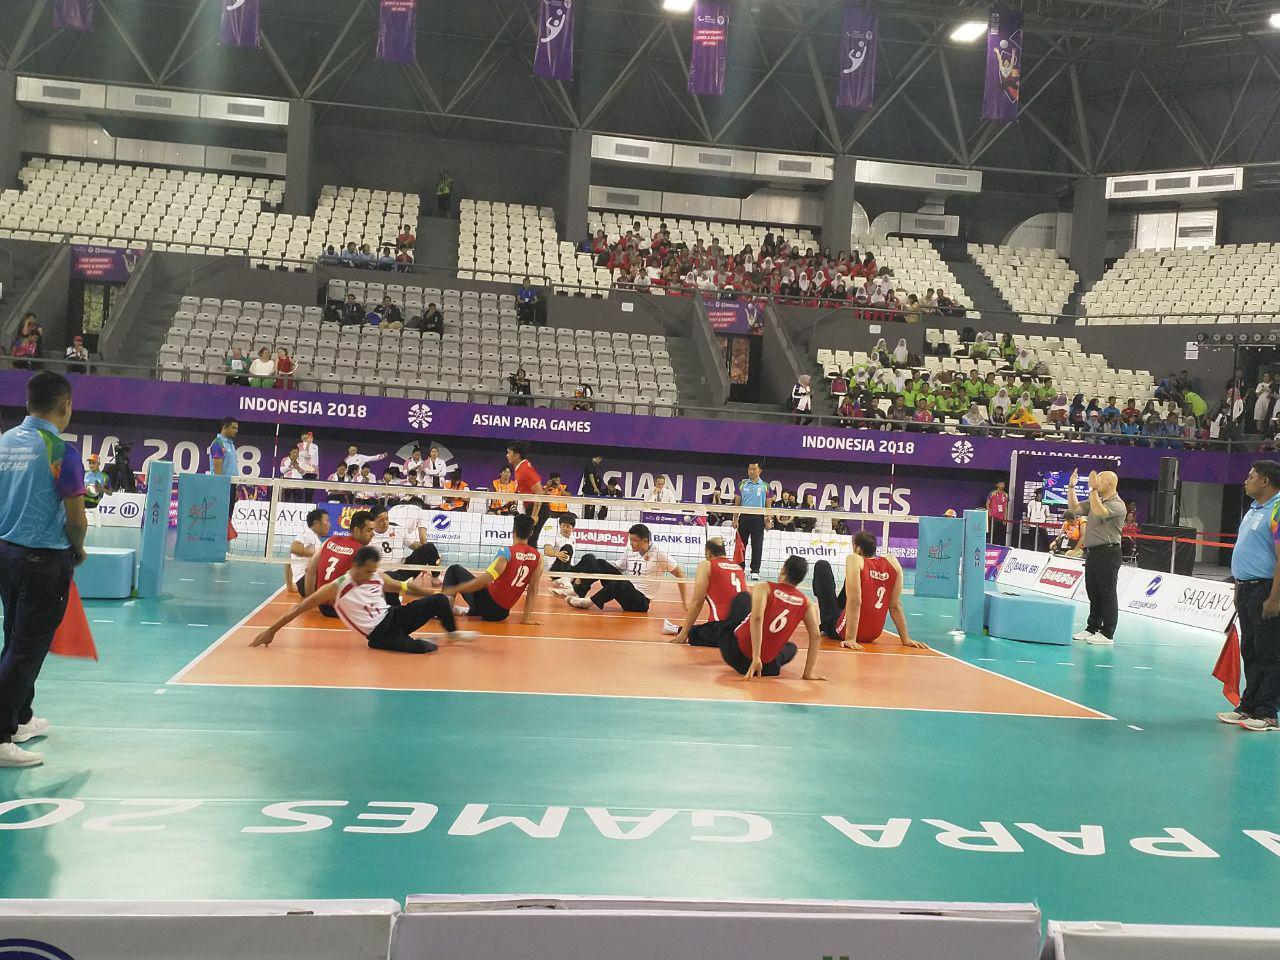 روز ششم بازیهای پاراآسیایی جاکارتا / 4 طلا، 2 نقره و 2 برنز حاصل تلاش ورزشکاران ایرانی